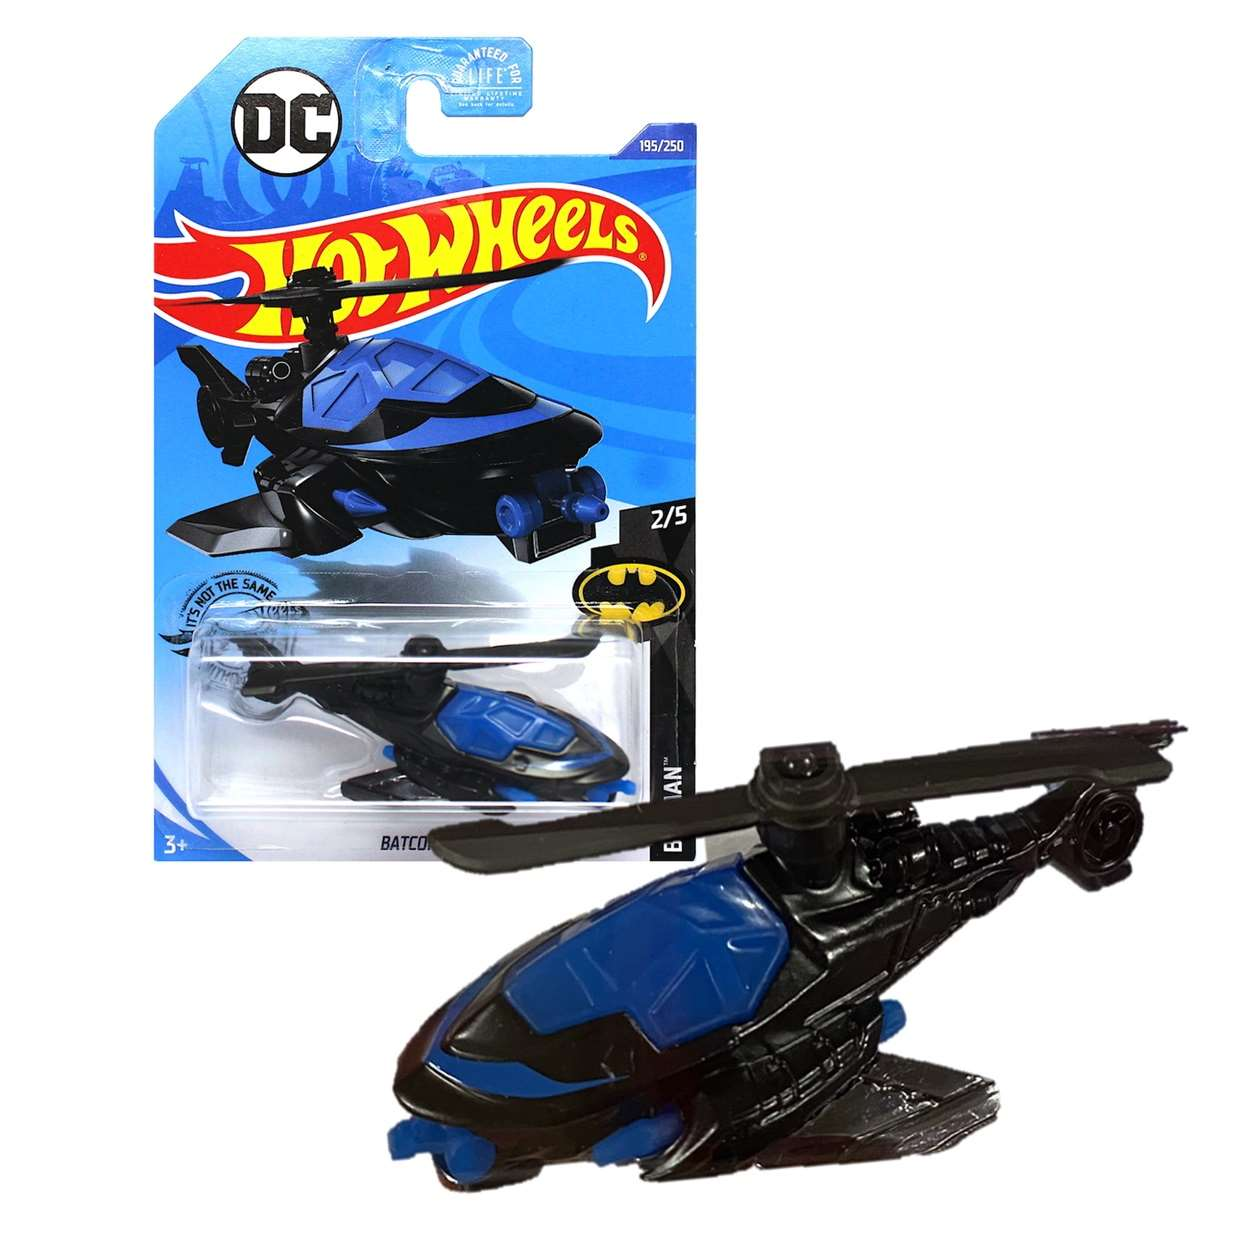 Batcopter G2n17 Batman Dc Comics 2/5 Hot Wheels